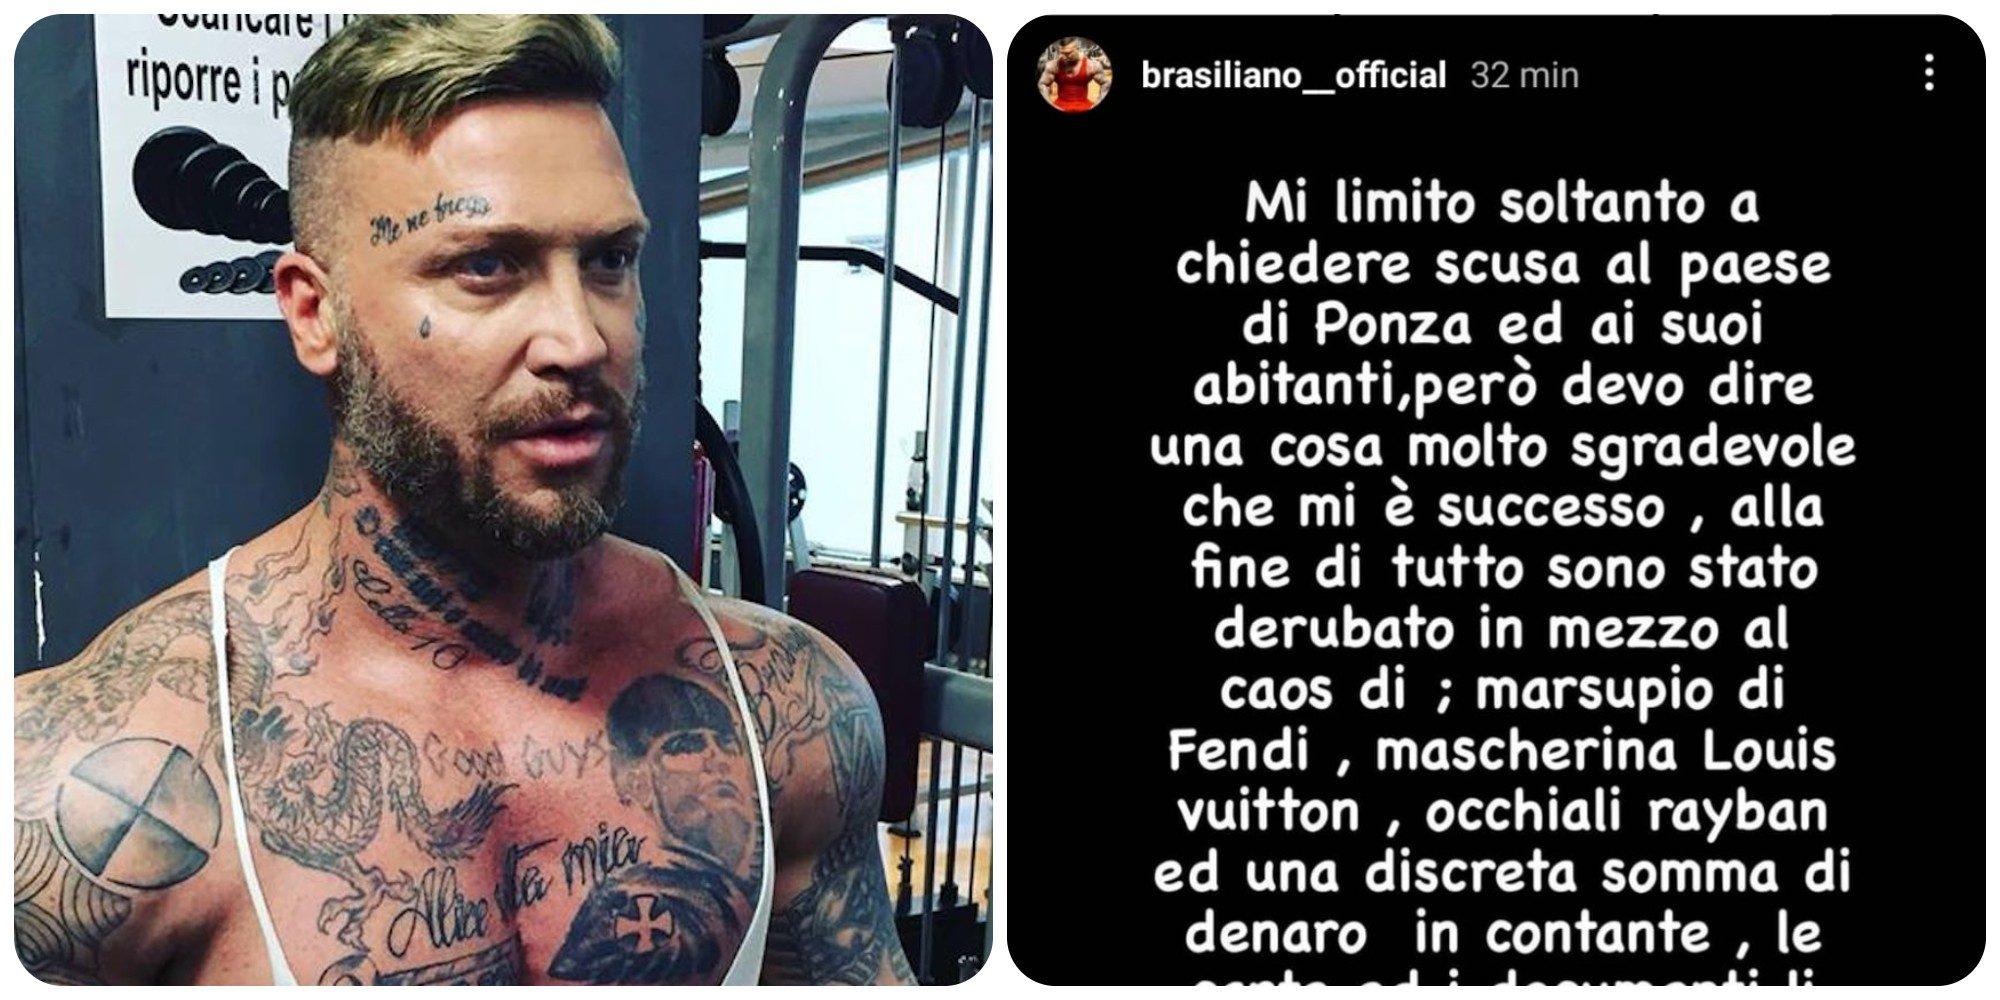 """Er Brasiliano arrestato a Ponza: """"Chiedo scusa a Ponza ma dopo il caos…"""""""